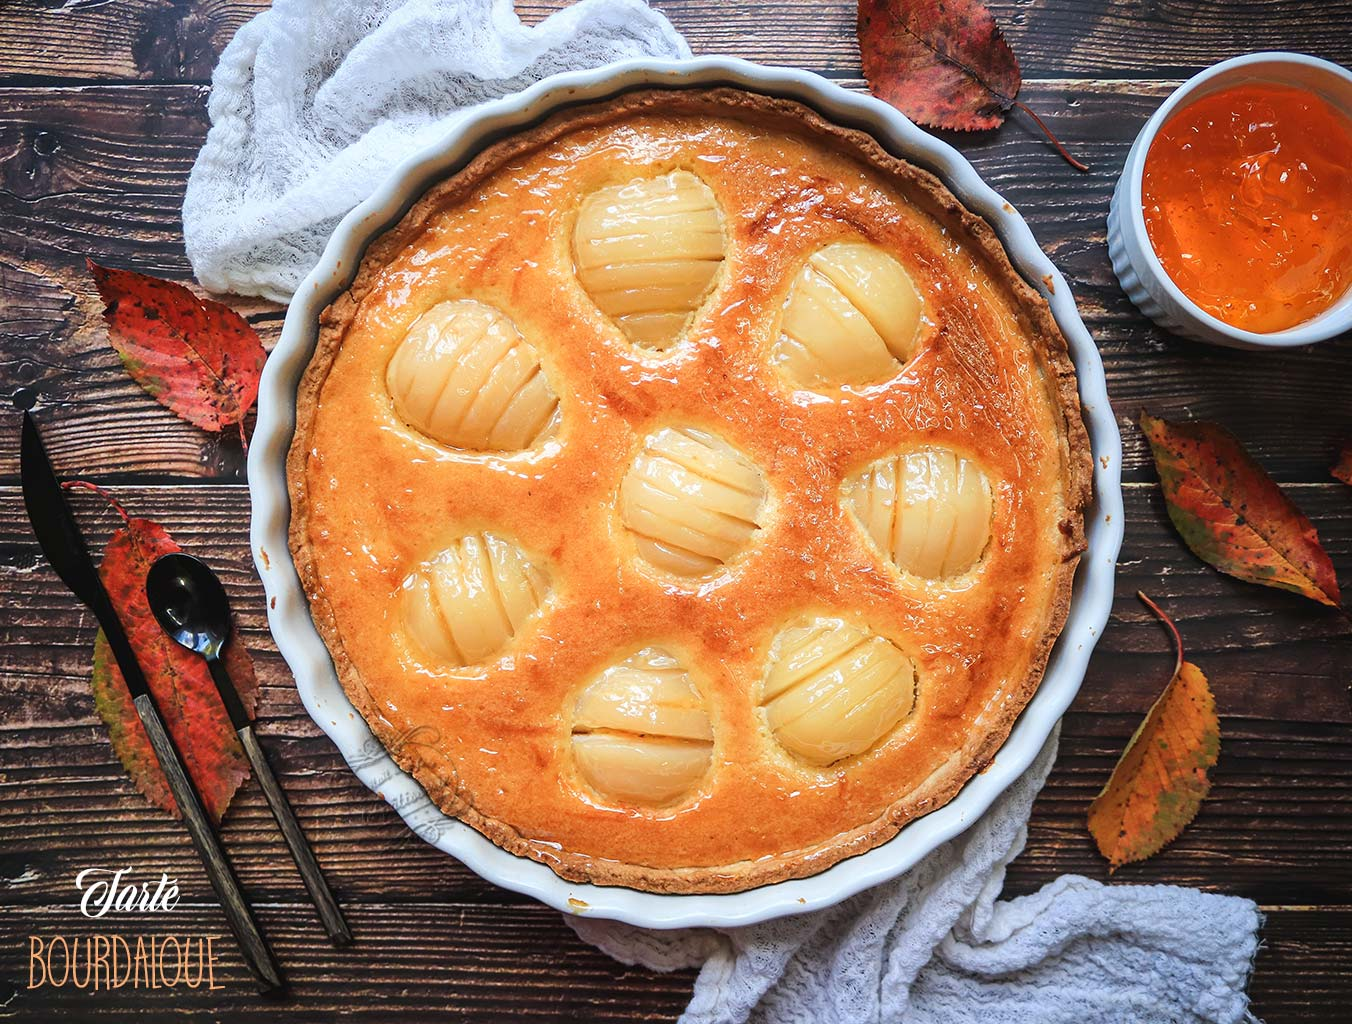 recette-tarte-bourdaloue